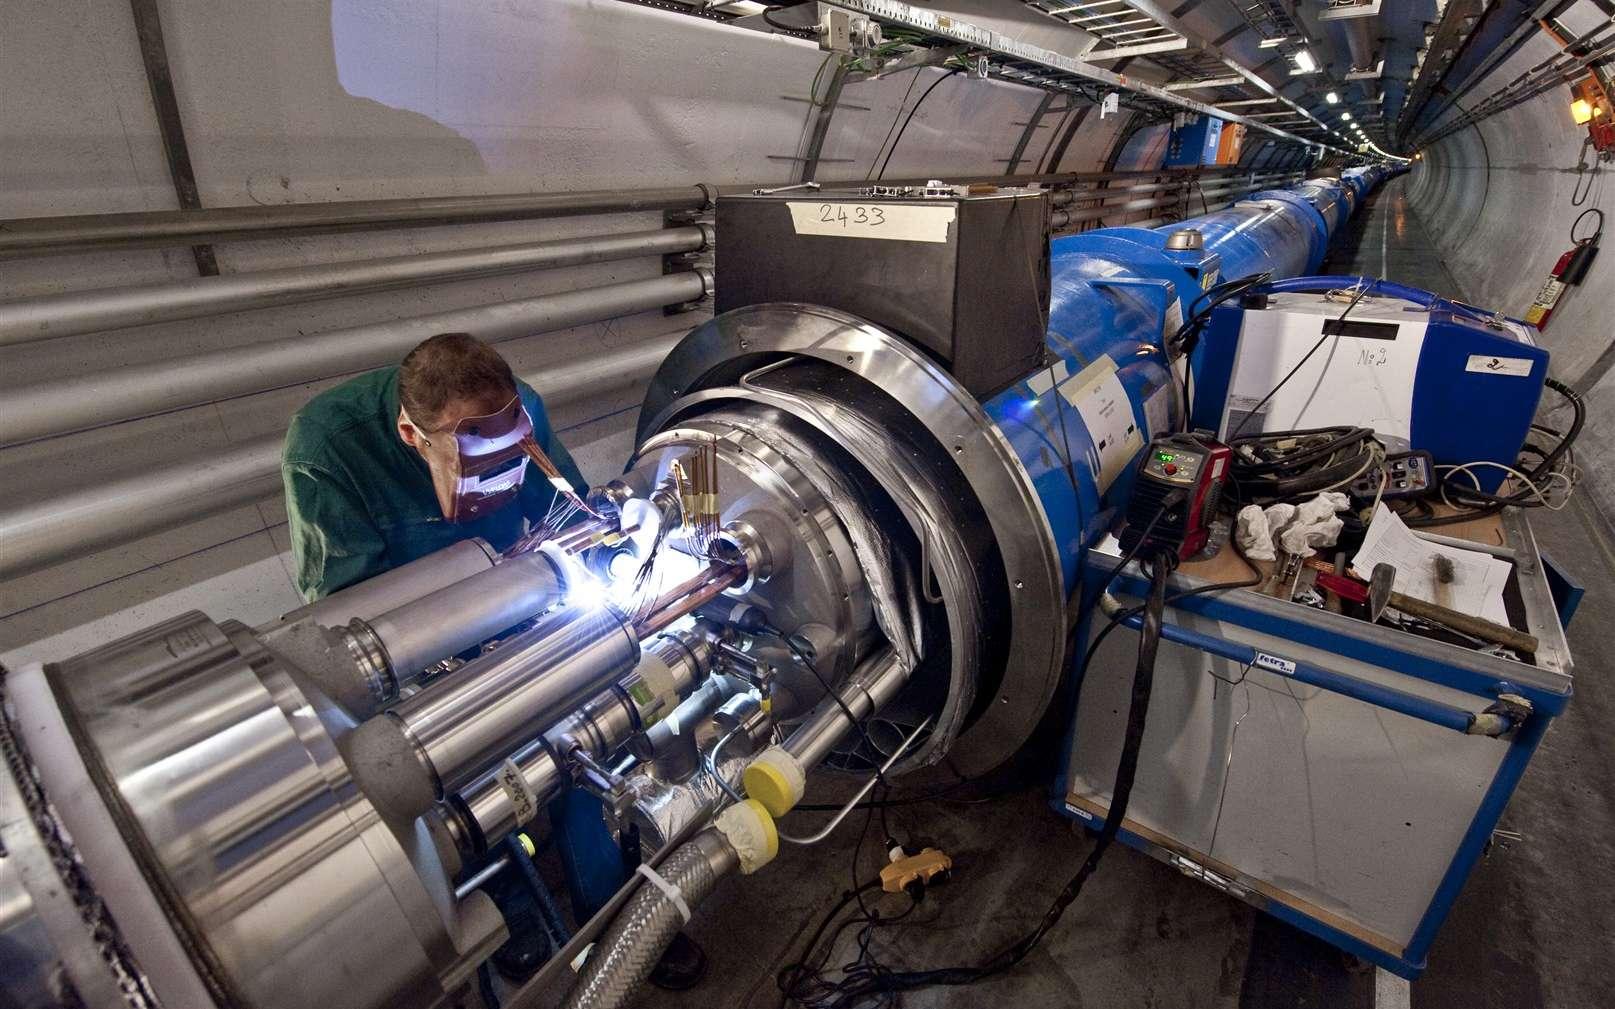 Un technicien en train de connecter à nouveau les aimants dipolaires dans le secteur 3-4 du LHC. Crédit : Maximilien Brice-Cern